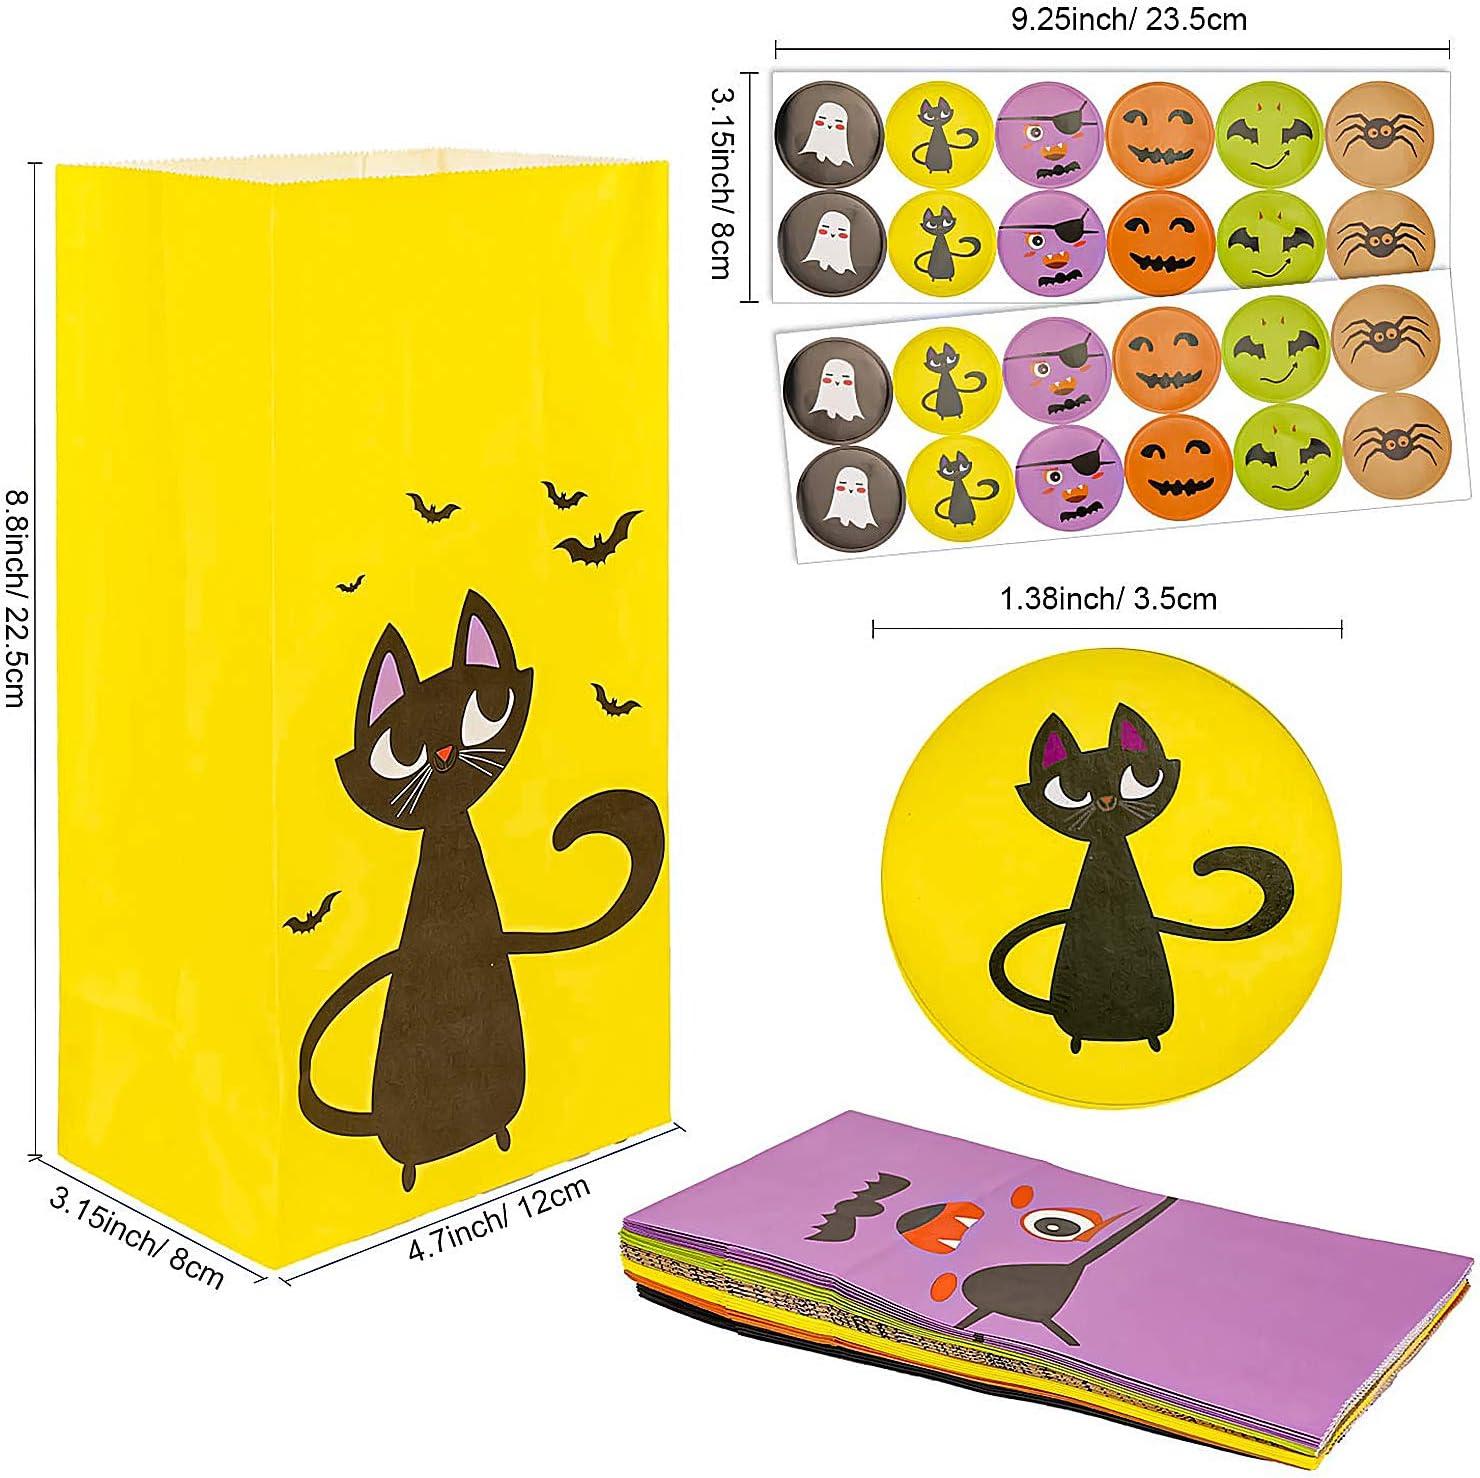 Sacchetti di Caramelle di Halloween Sacchetti da Regalo,Sacchetti Regalo di Carta Borsa da Festa Colorata Sacchetto di Carta Kraft con Halloween Stickers BINGFONE Sacchetti di Carta